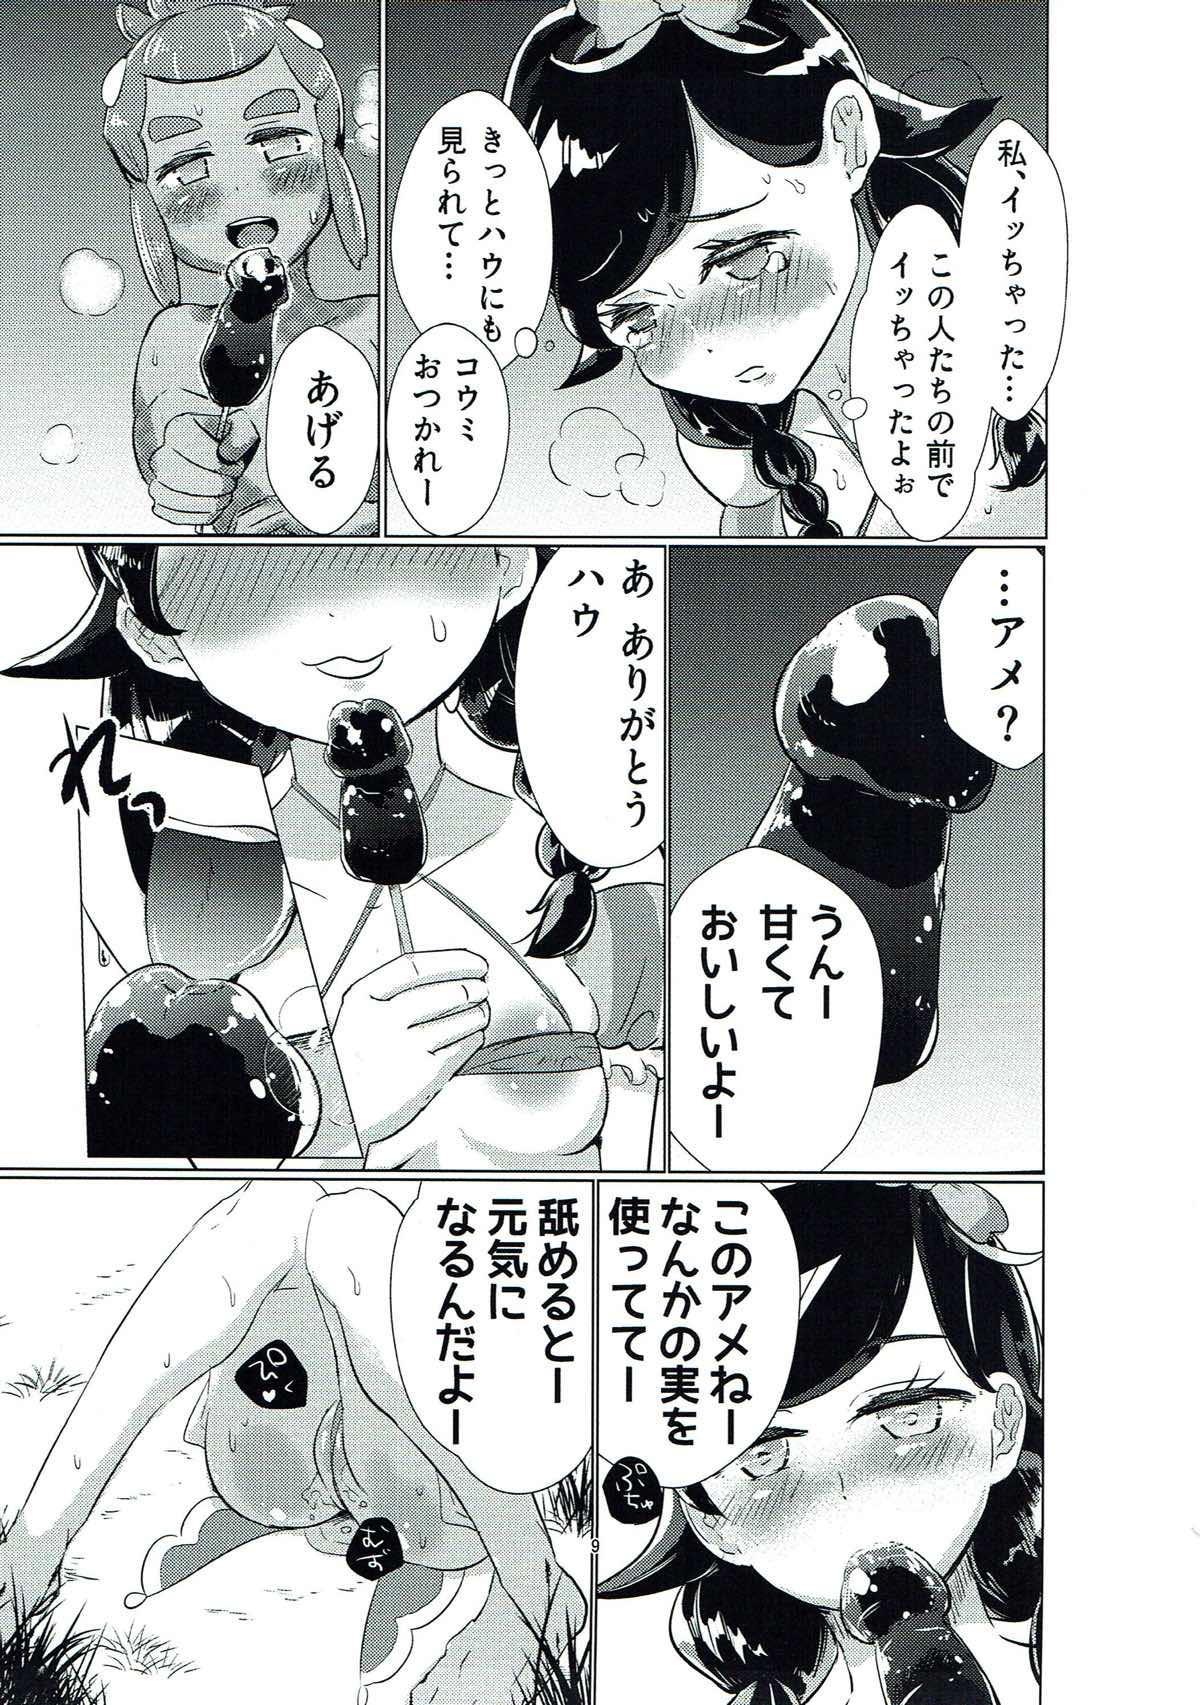 Koumi no Maramarasai Daikikou 7